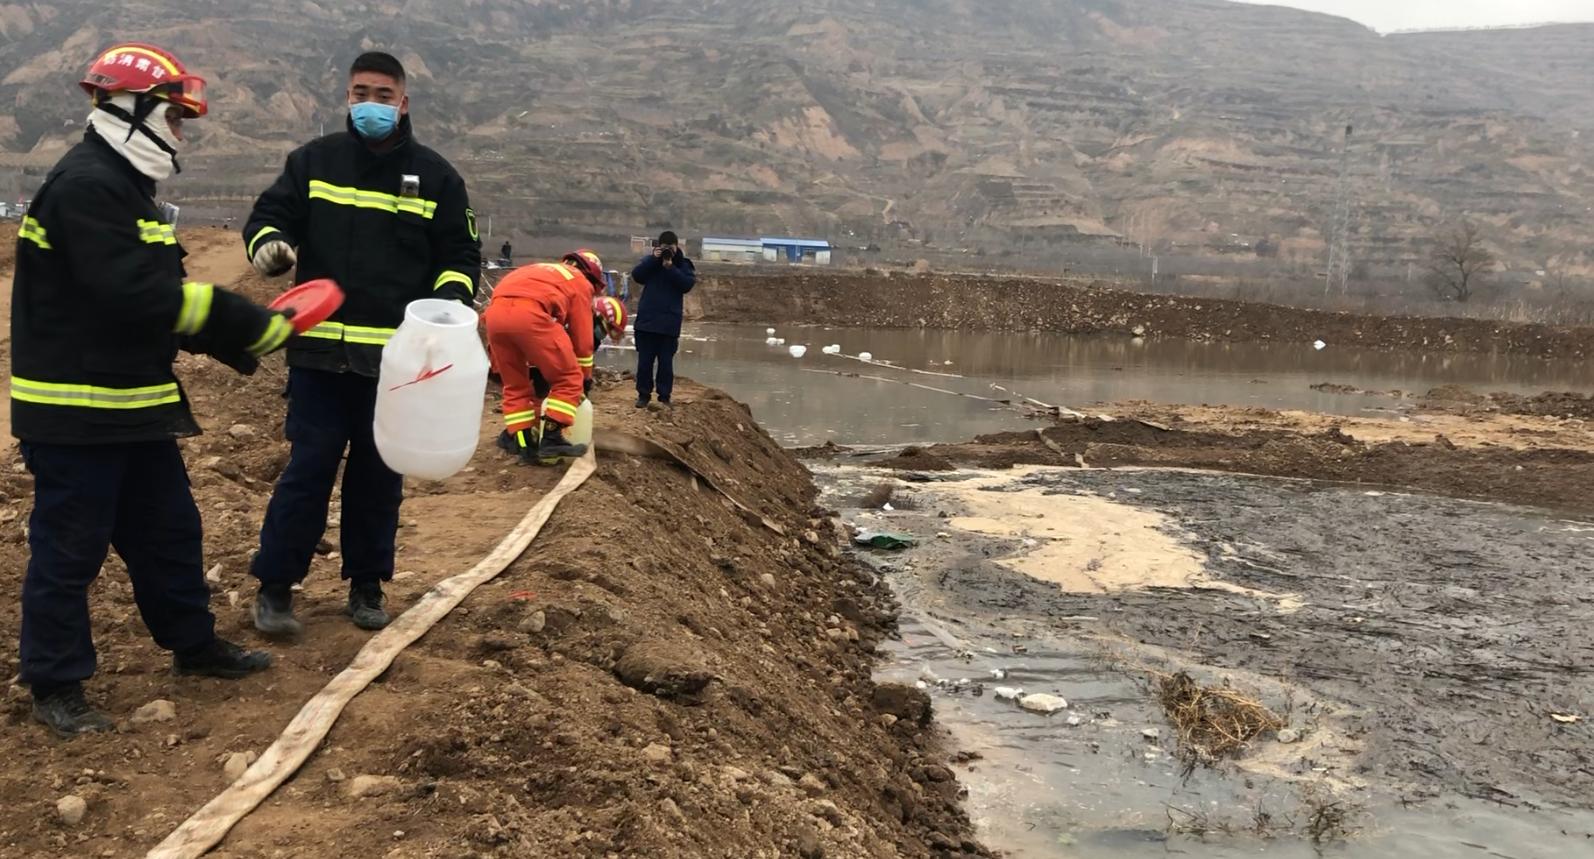 应急人员在治理污染。新京报记者 马新斌 摄